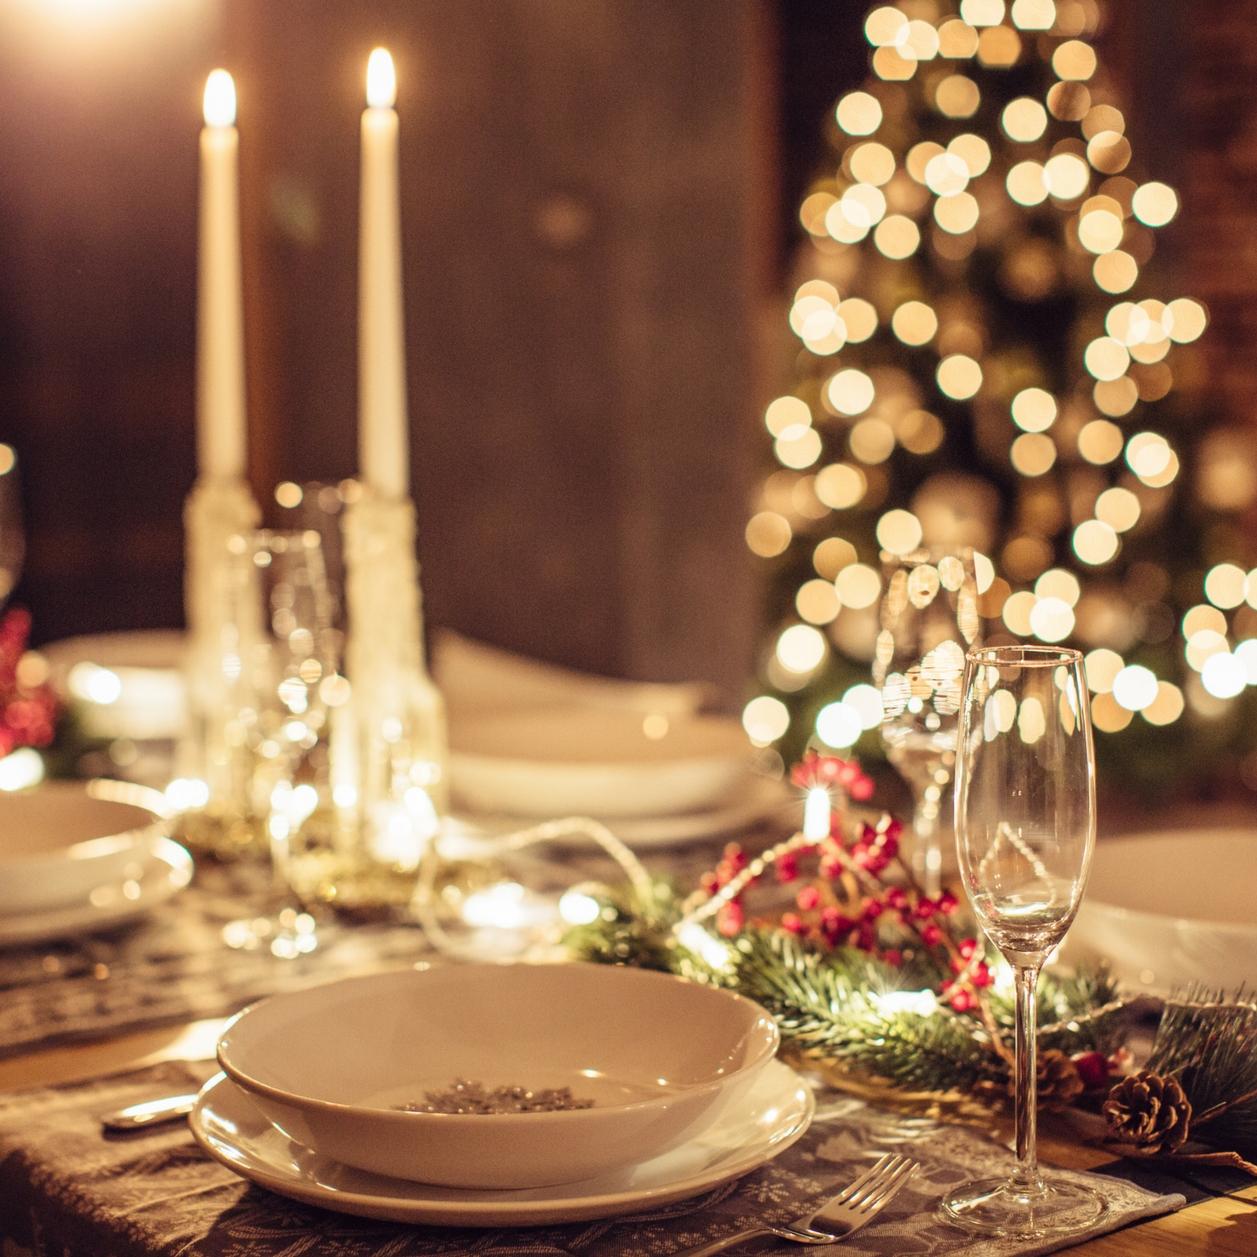 Arredare Tavola Natale tavola di natale: tante idee per apparecchiare la tua tavola